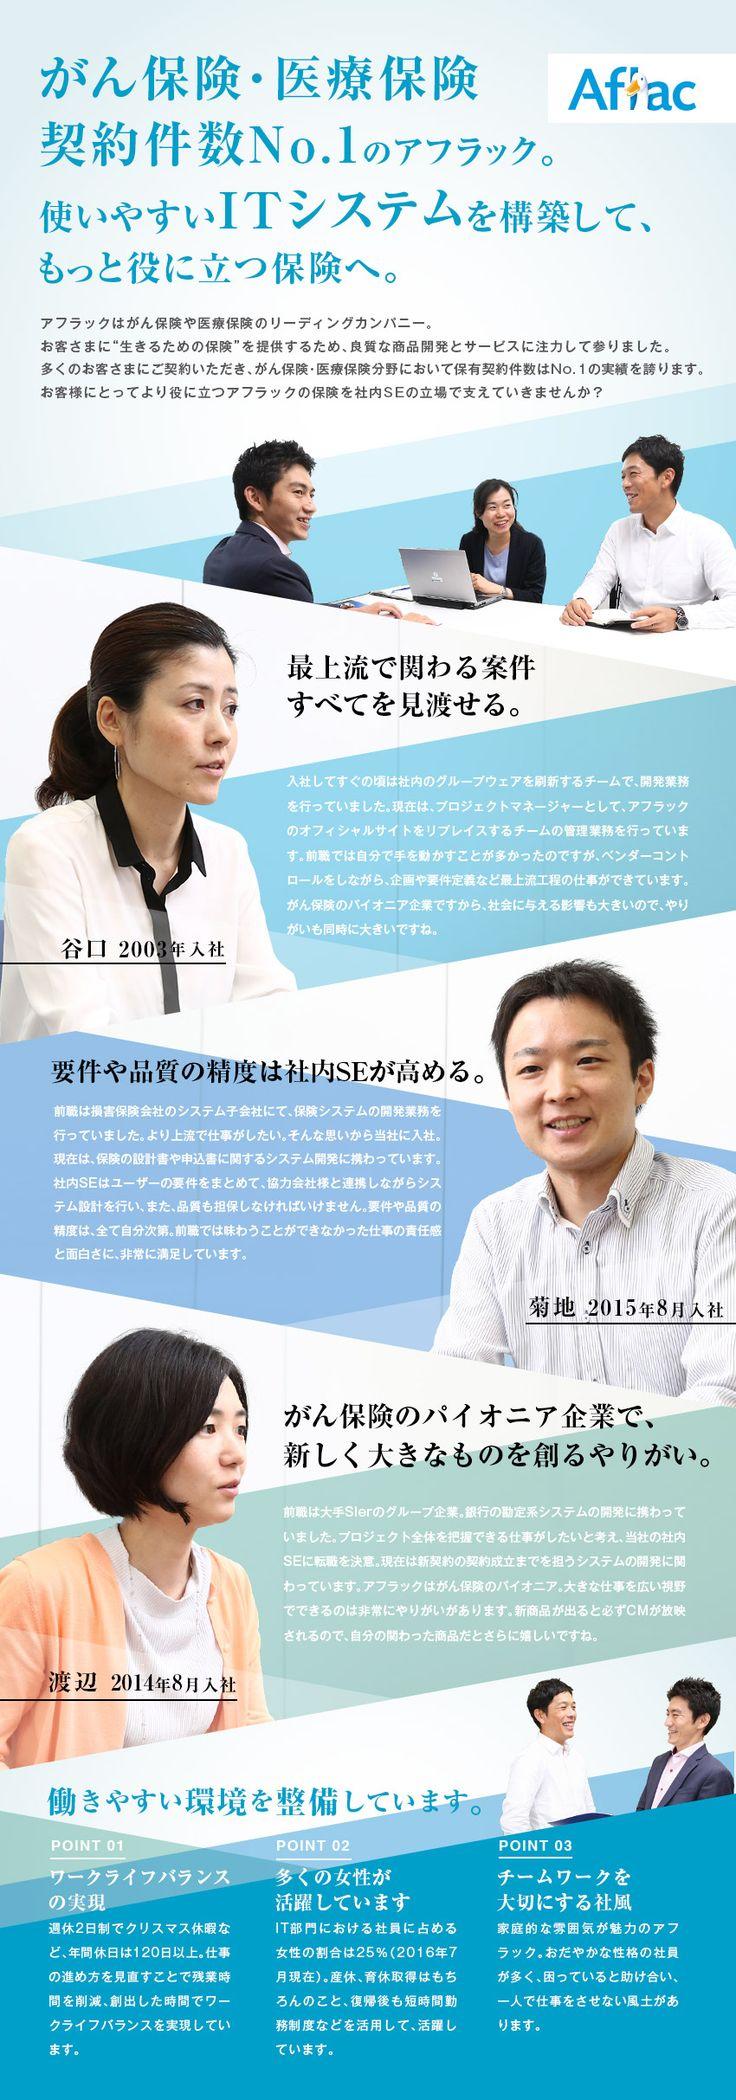 アフラック/社内SE/がん保険・医療保険契約件数No.1の求人PR - 転職ならDODA(デューダ)